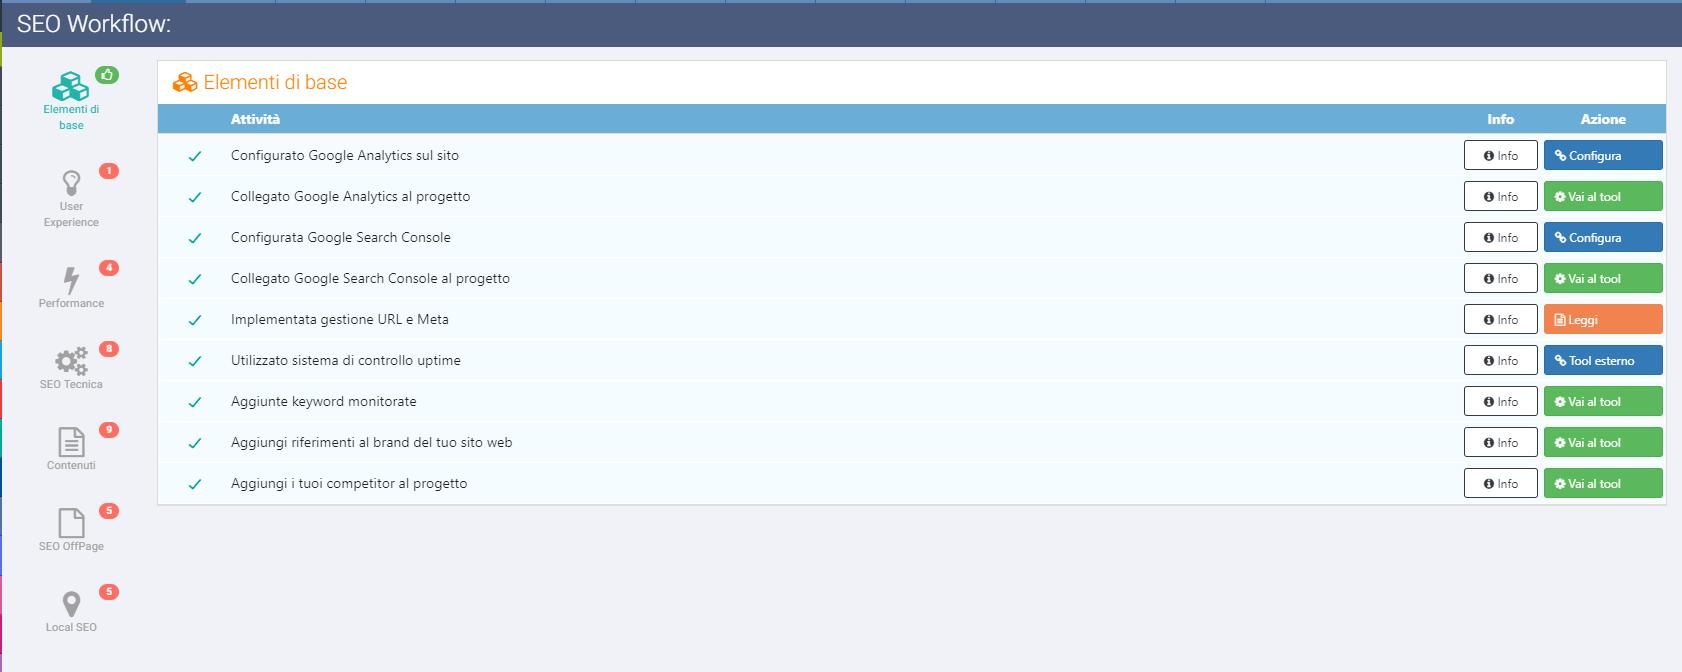 Creare Seo check list con lo strumento Workflow di Seozoom